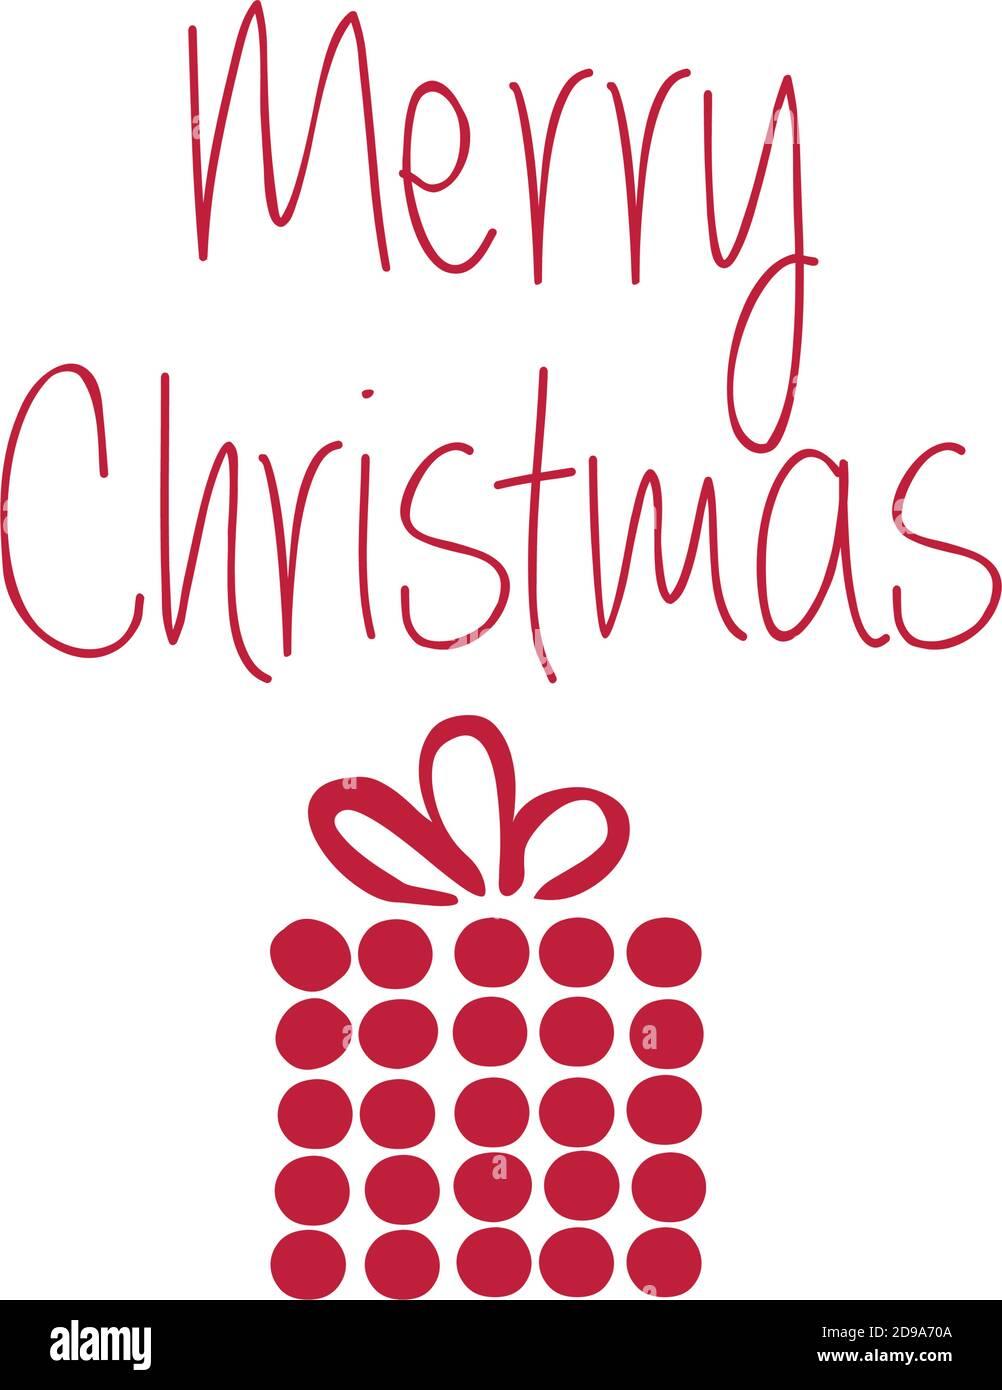 Oferta especial de Navidad Diseño para impresión o uso como póster, tarjeta, volante o camiseta Ilustración del Vector